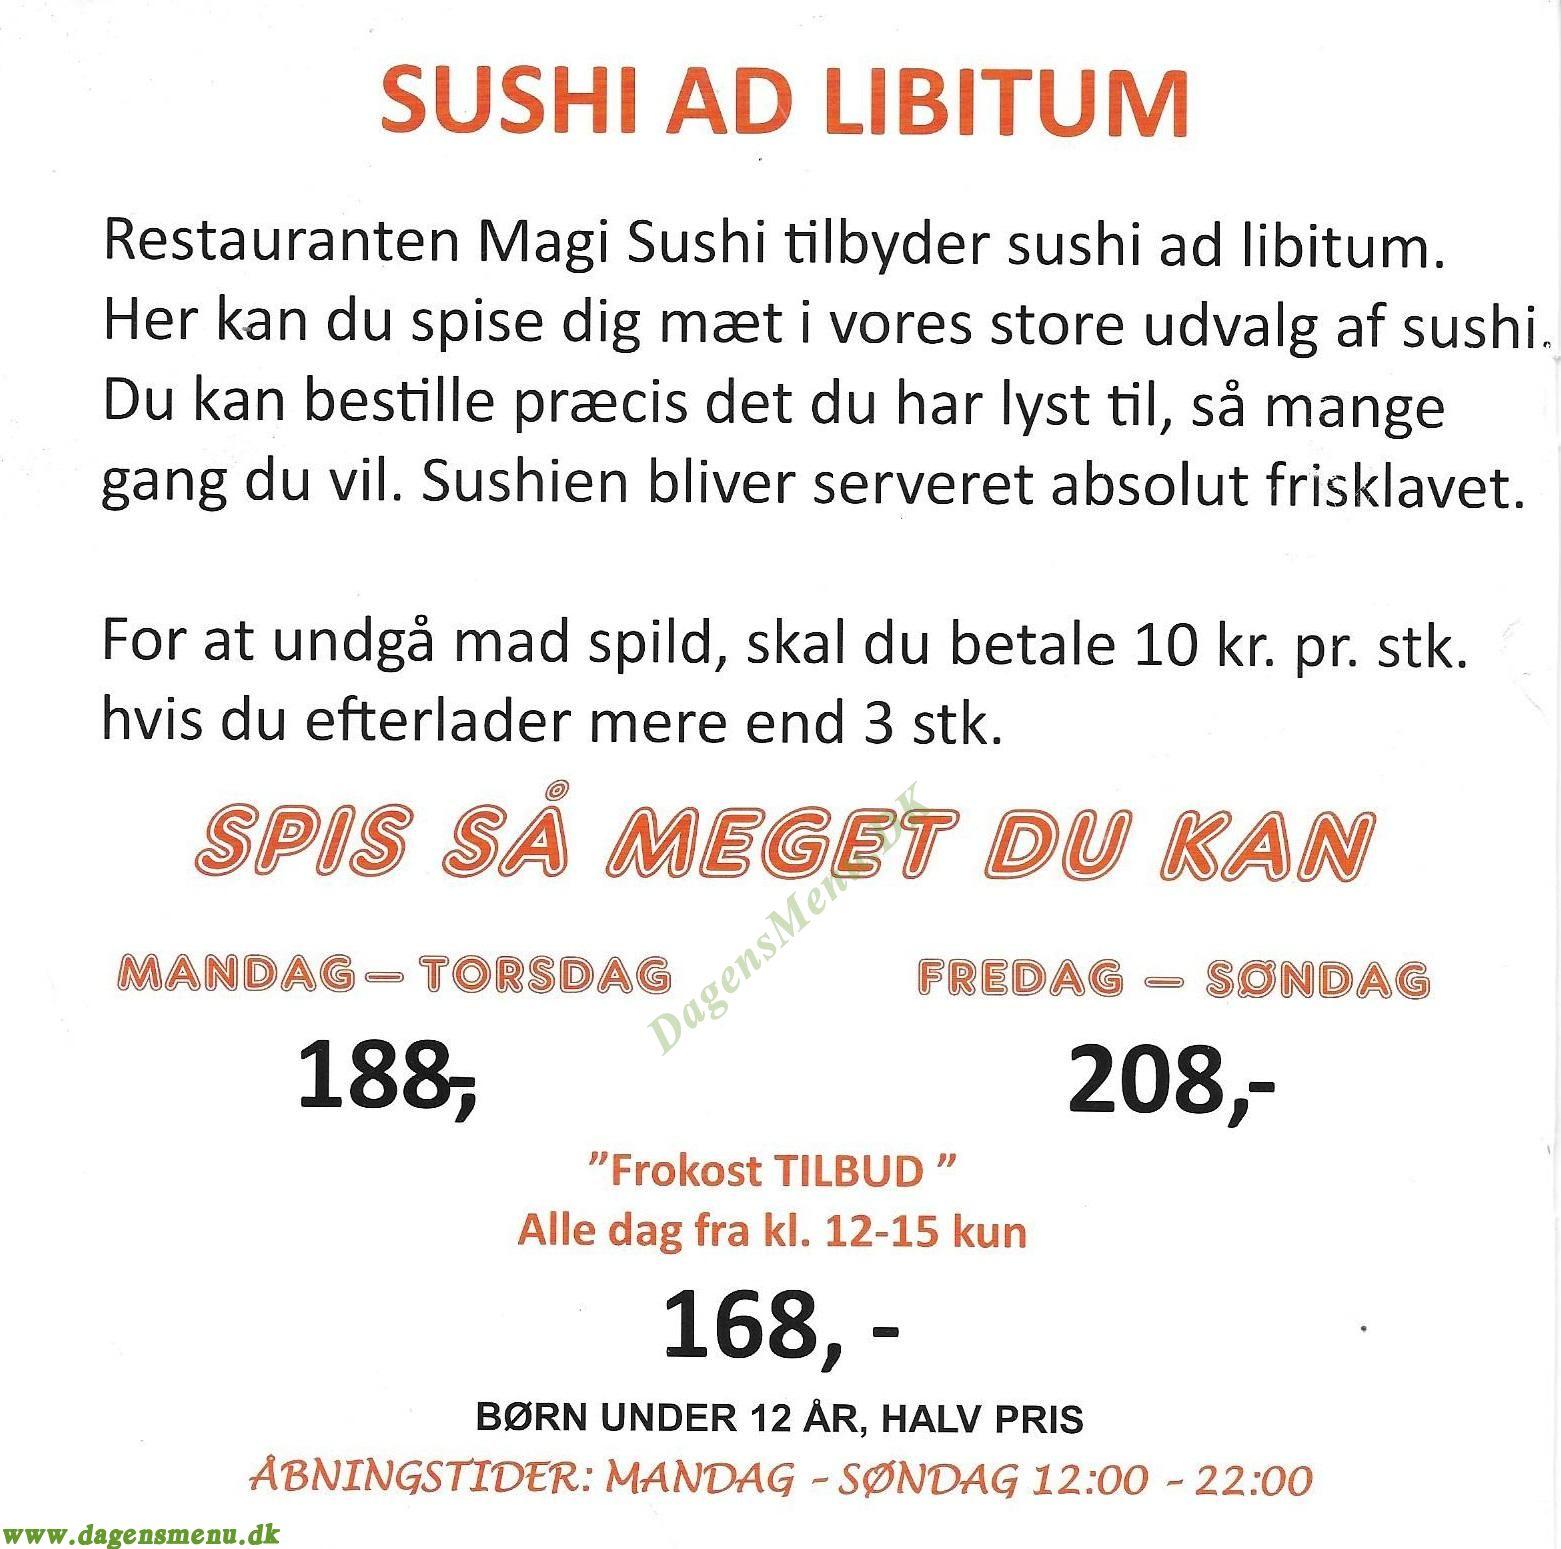 Magi Sushi - Menukort